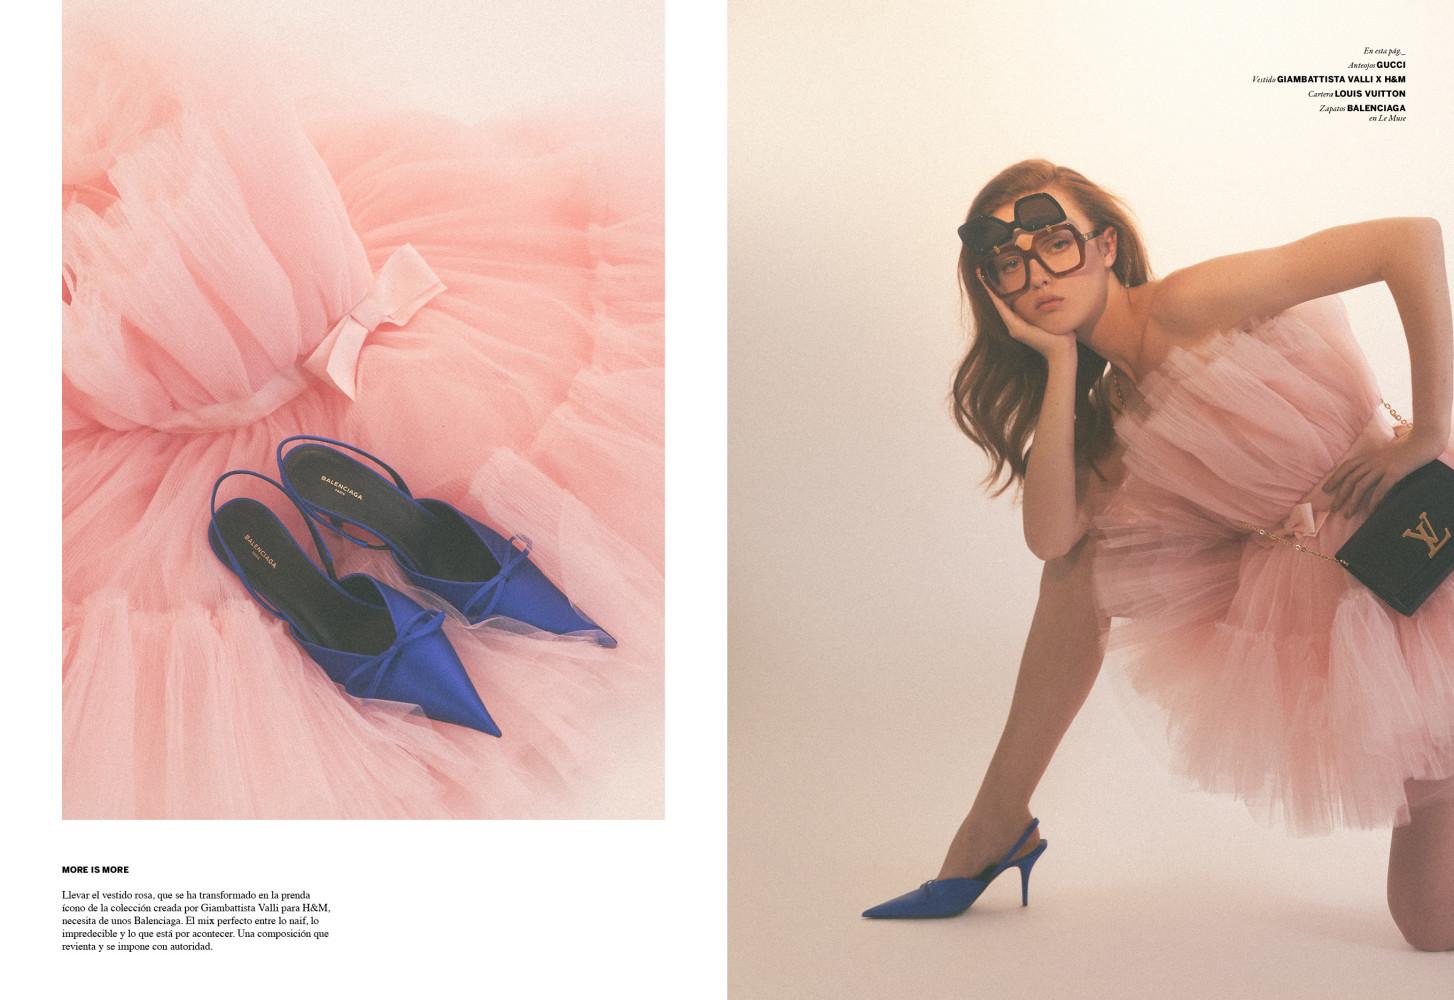 ISSUE Magazine Featuring Laura Hanson